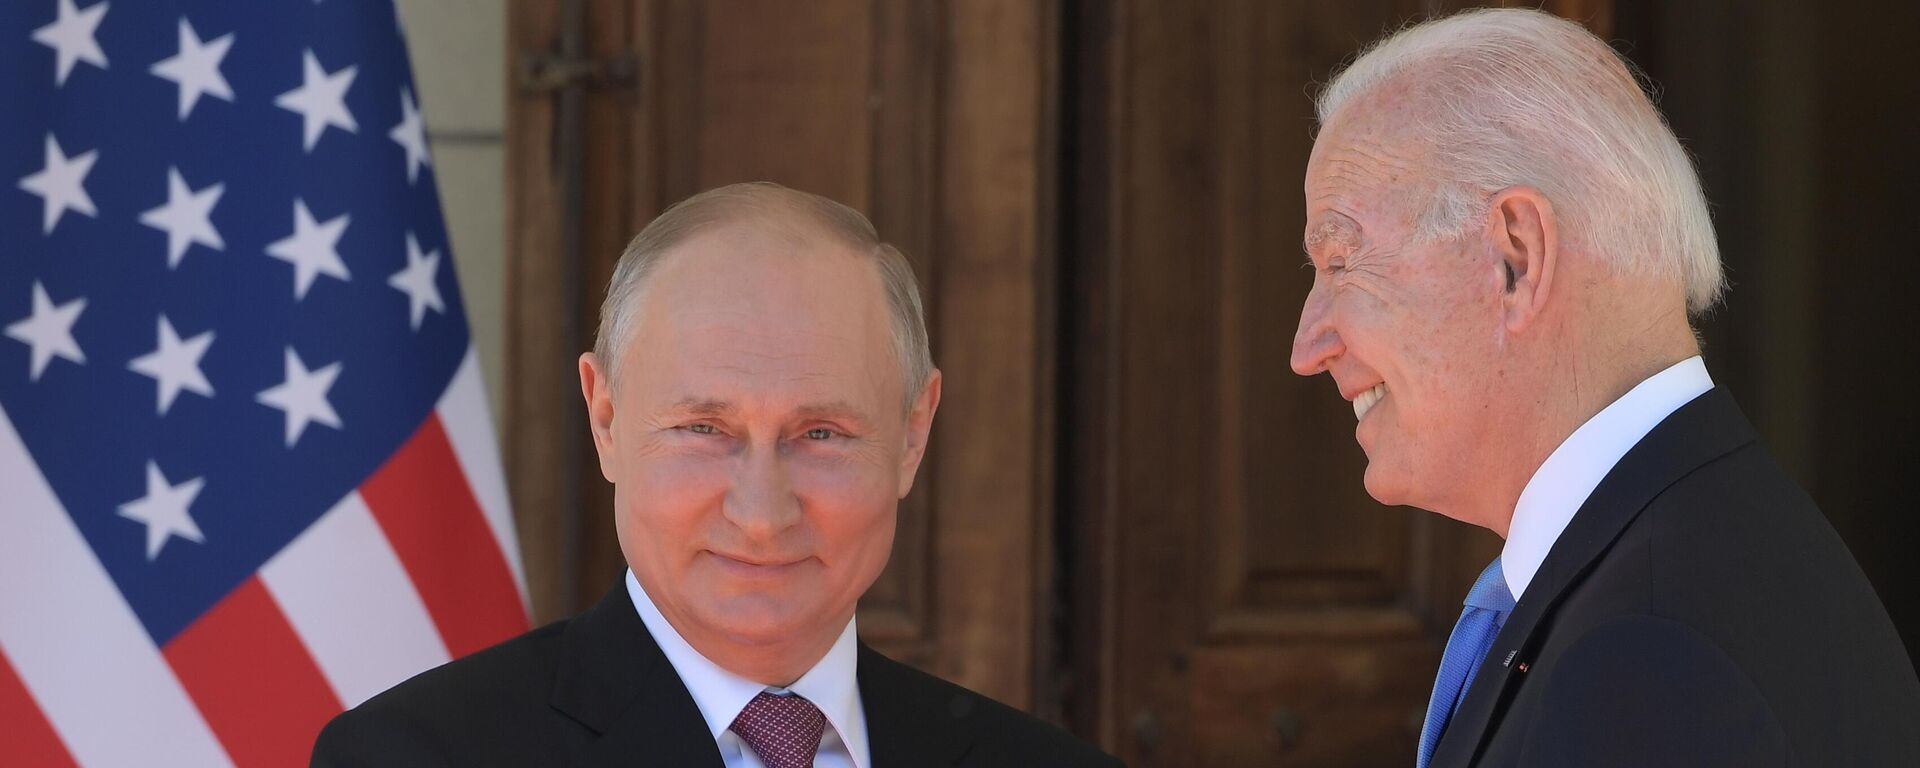 Встреча президентов России и США В. Путина и Дж. Байдена в Женеве - Sputnik Узбекистан, 1920, 28.09.2021